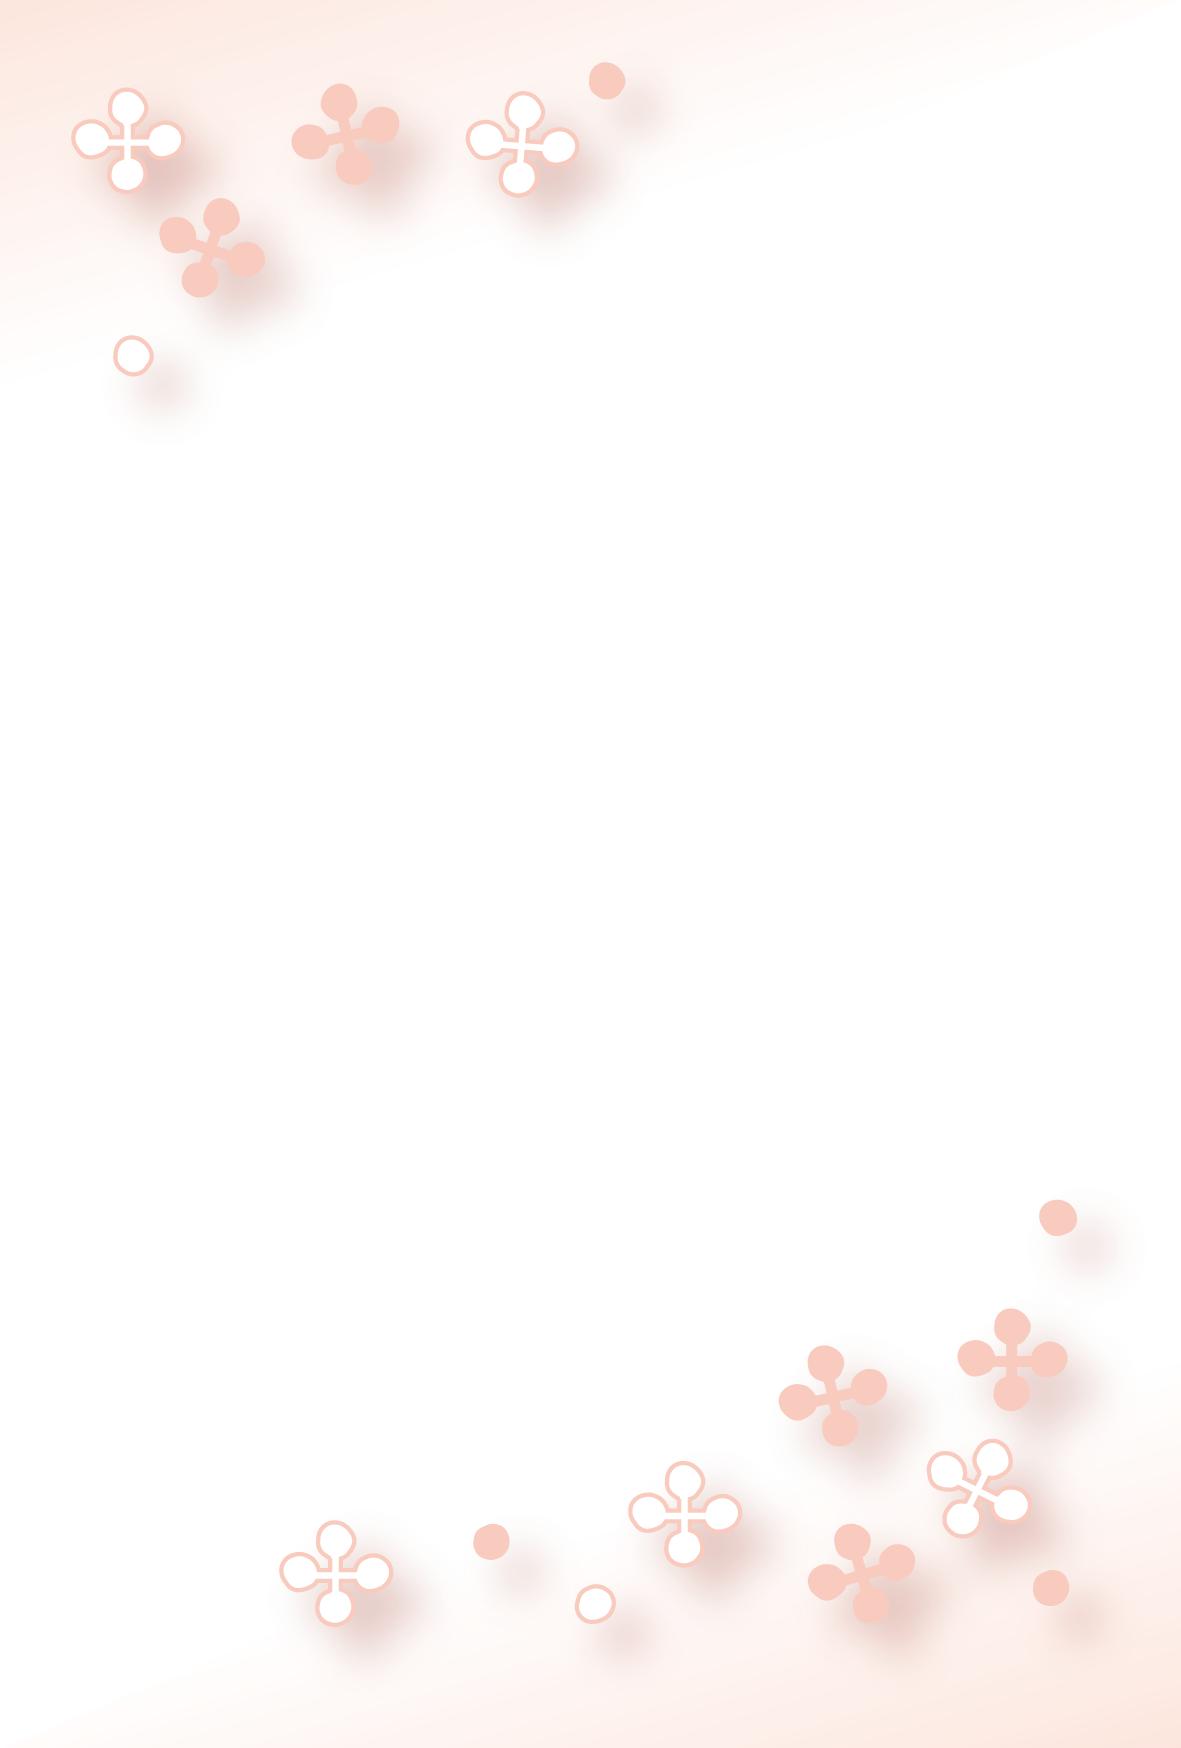 イラスト】 年賀状 背景 【素材】 - naver まとめ